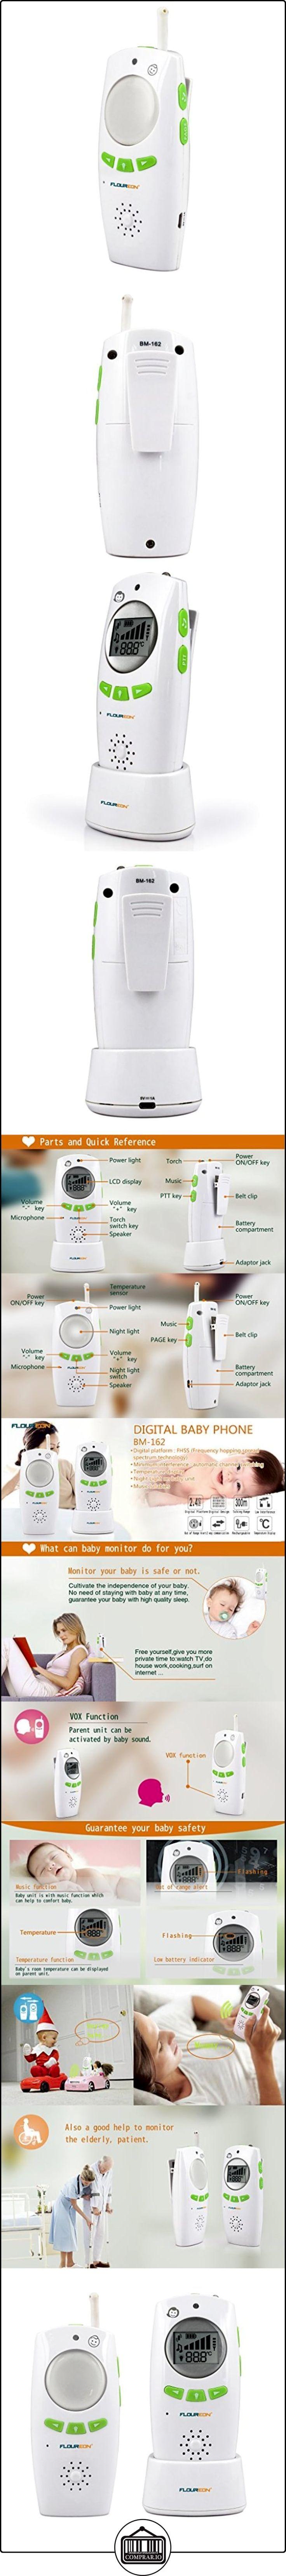 Floureon BM162 - Vigilabebes Monitor de Bebés Seguridad (FHSS, Sin Radiación Lesión, Inalámbrico, Comunicación Bidireccional, Intercomunicadores de Audio, Canciones de Cuna, Unidad Luz de Noche), Verde  ✿ Seguridad para tu bebé - (Protege a tus hijos) ✿ ▬► Ver oferta: http://comprar.io/goto/B01FTPE128